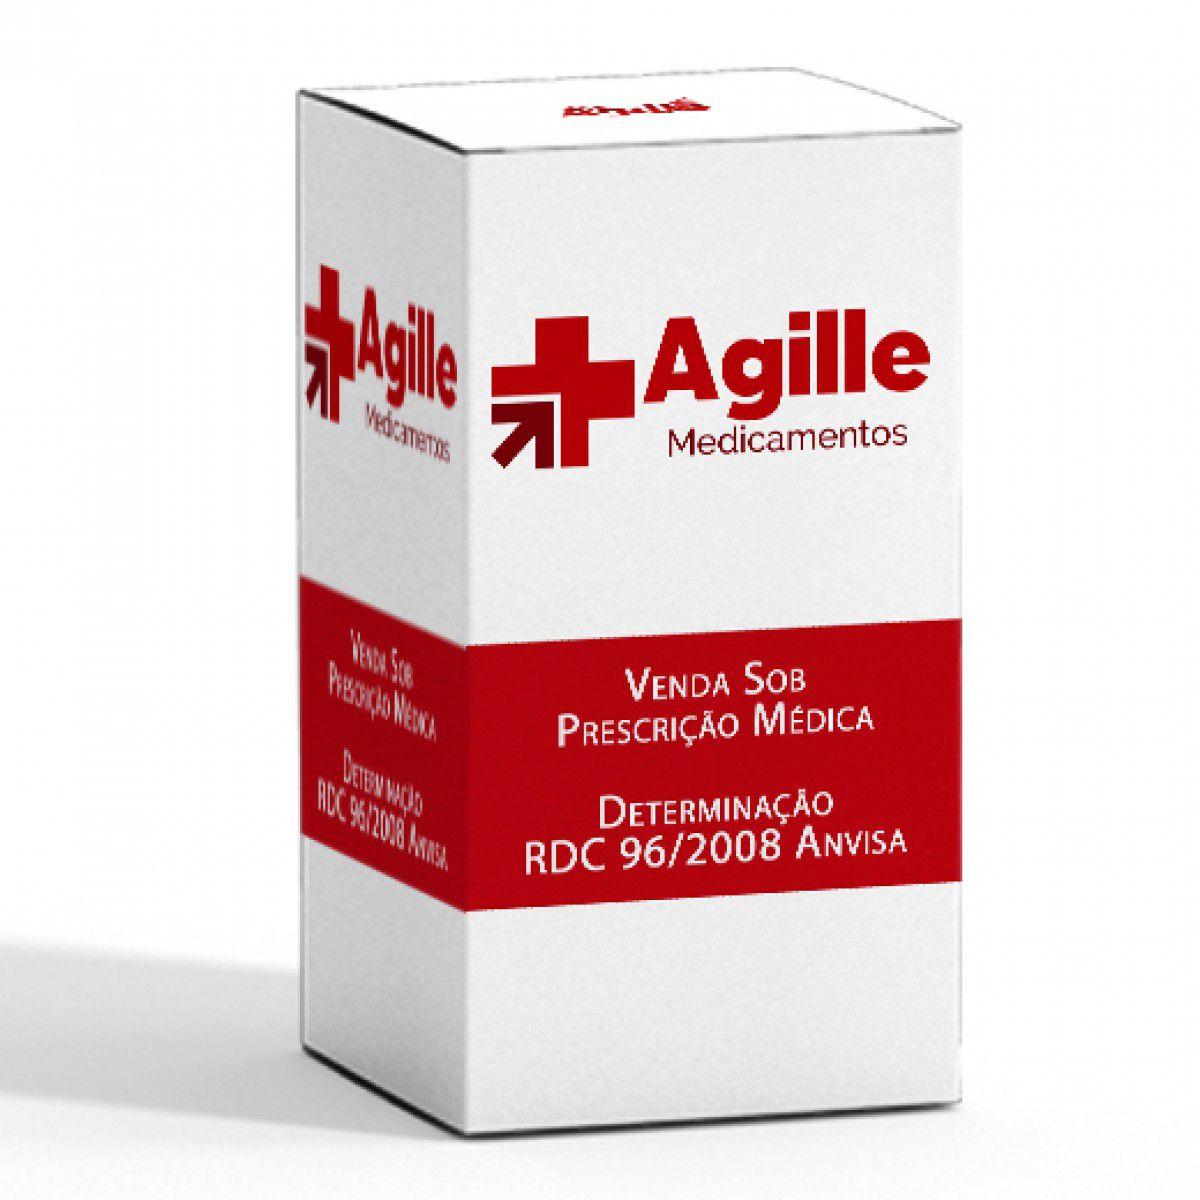 MESILATO DE IMATINIBE 100 MG CRISTALIA  - Agille Speciality